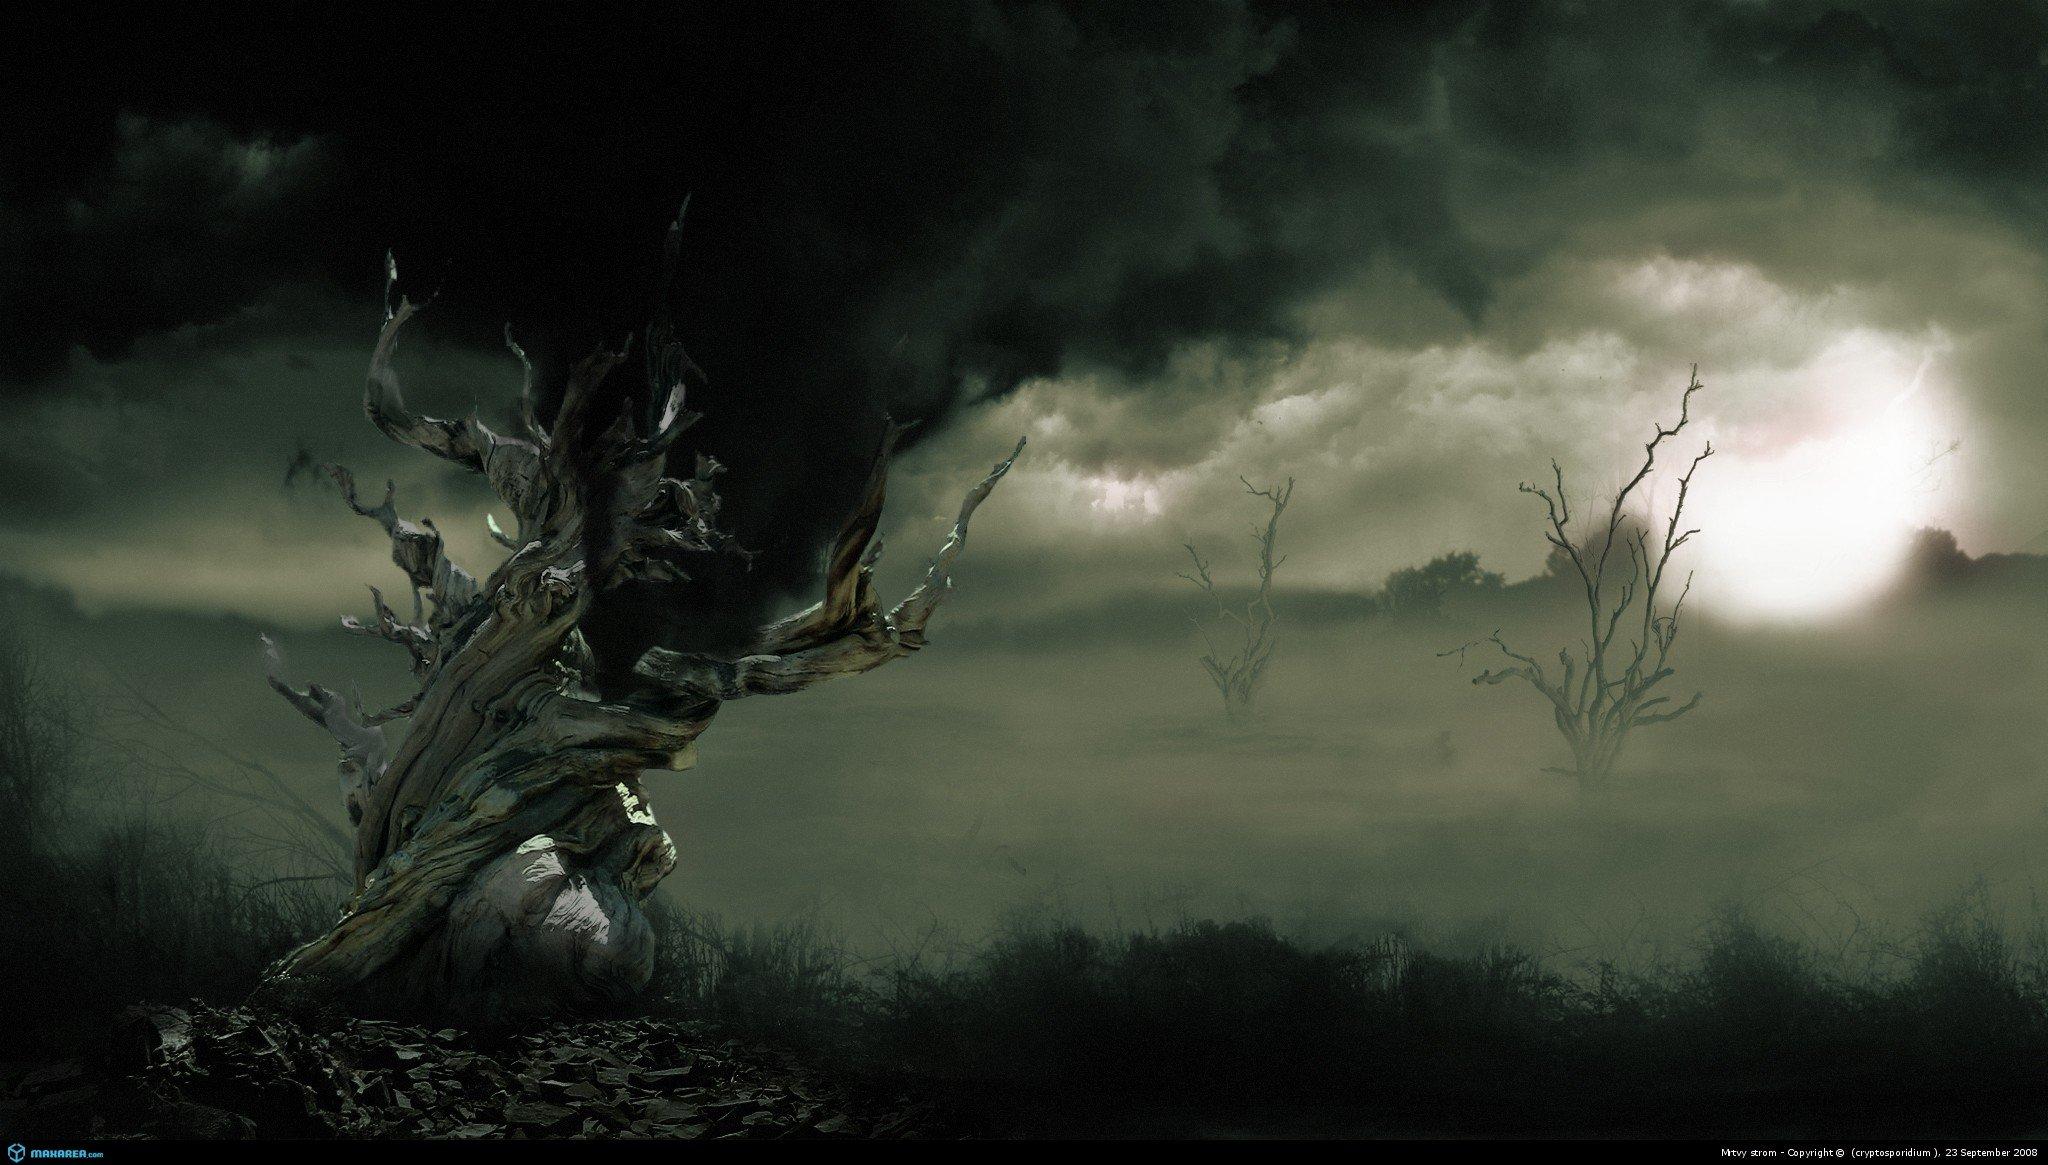 Image Detail For Dark Mysterious Hd Fantasy: [47+] Storm Desktop Wallpaper On WallpaperSafari